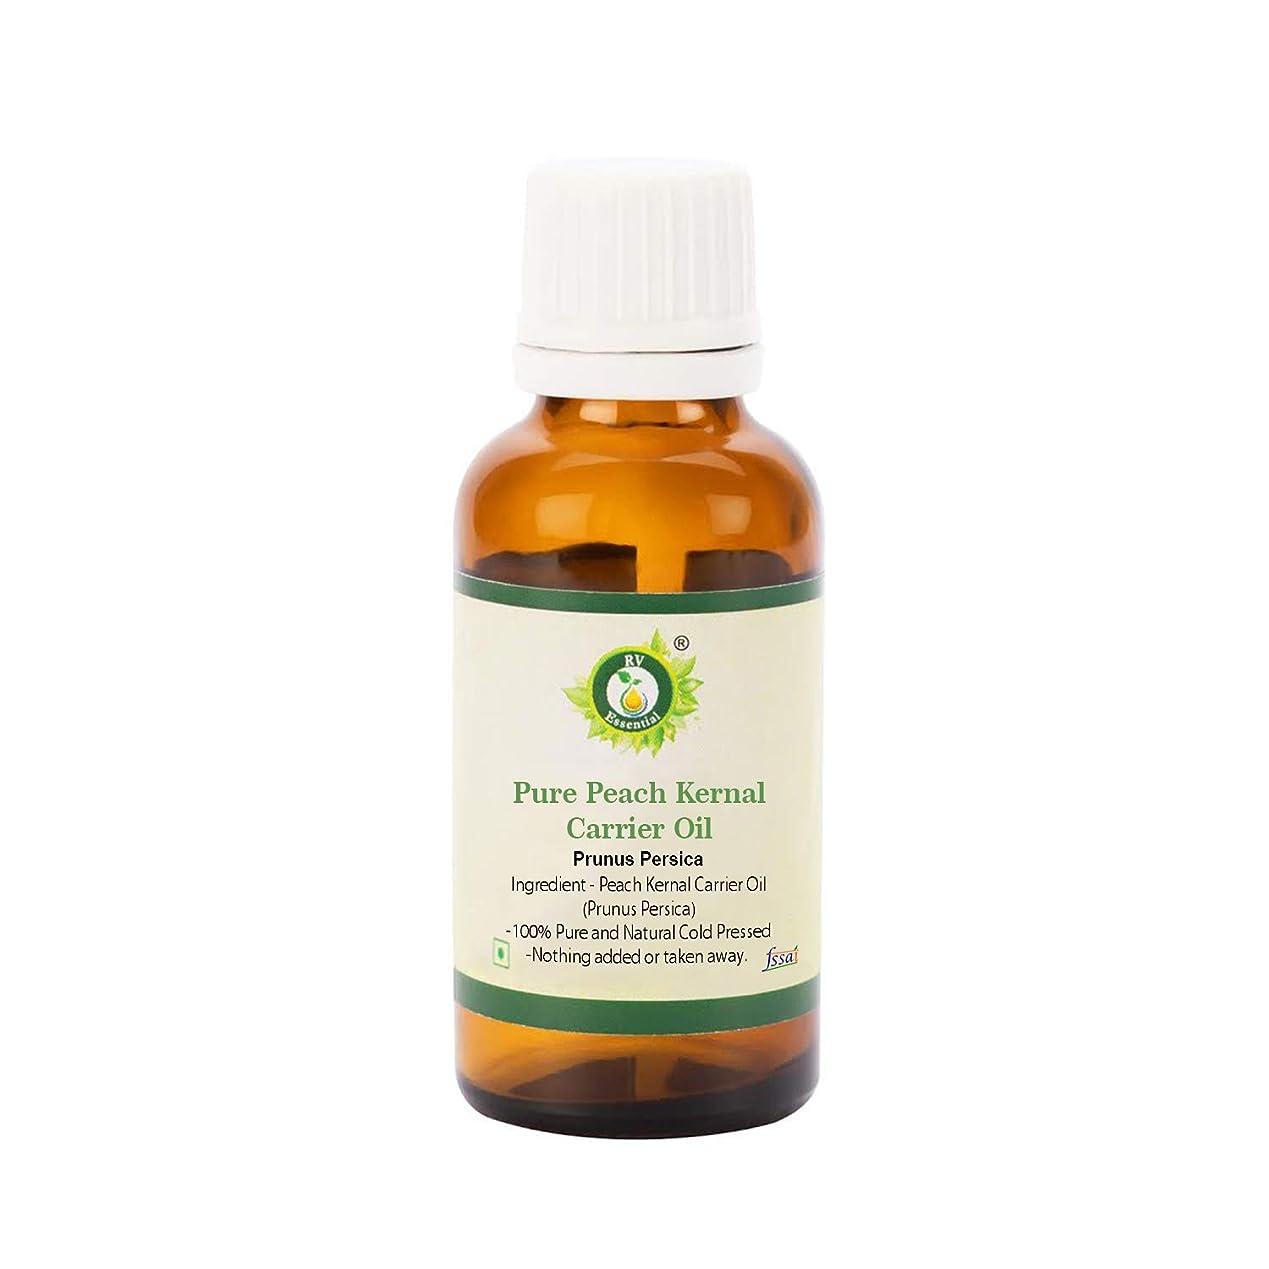 太陽アジア人社会科R V Essential ピュアピーチ Kernalキャリアオイル30ml (1.01oz)- Prunus Persica (100%ピュア&ナチュラルコールドPressed) Pure Peach Kernal Carrier Oil